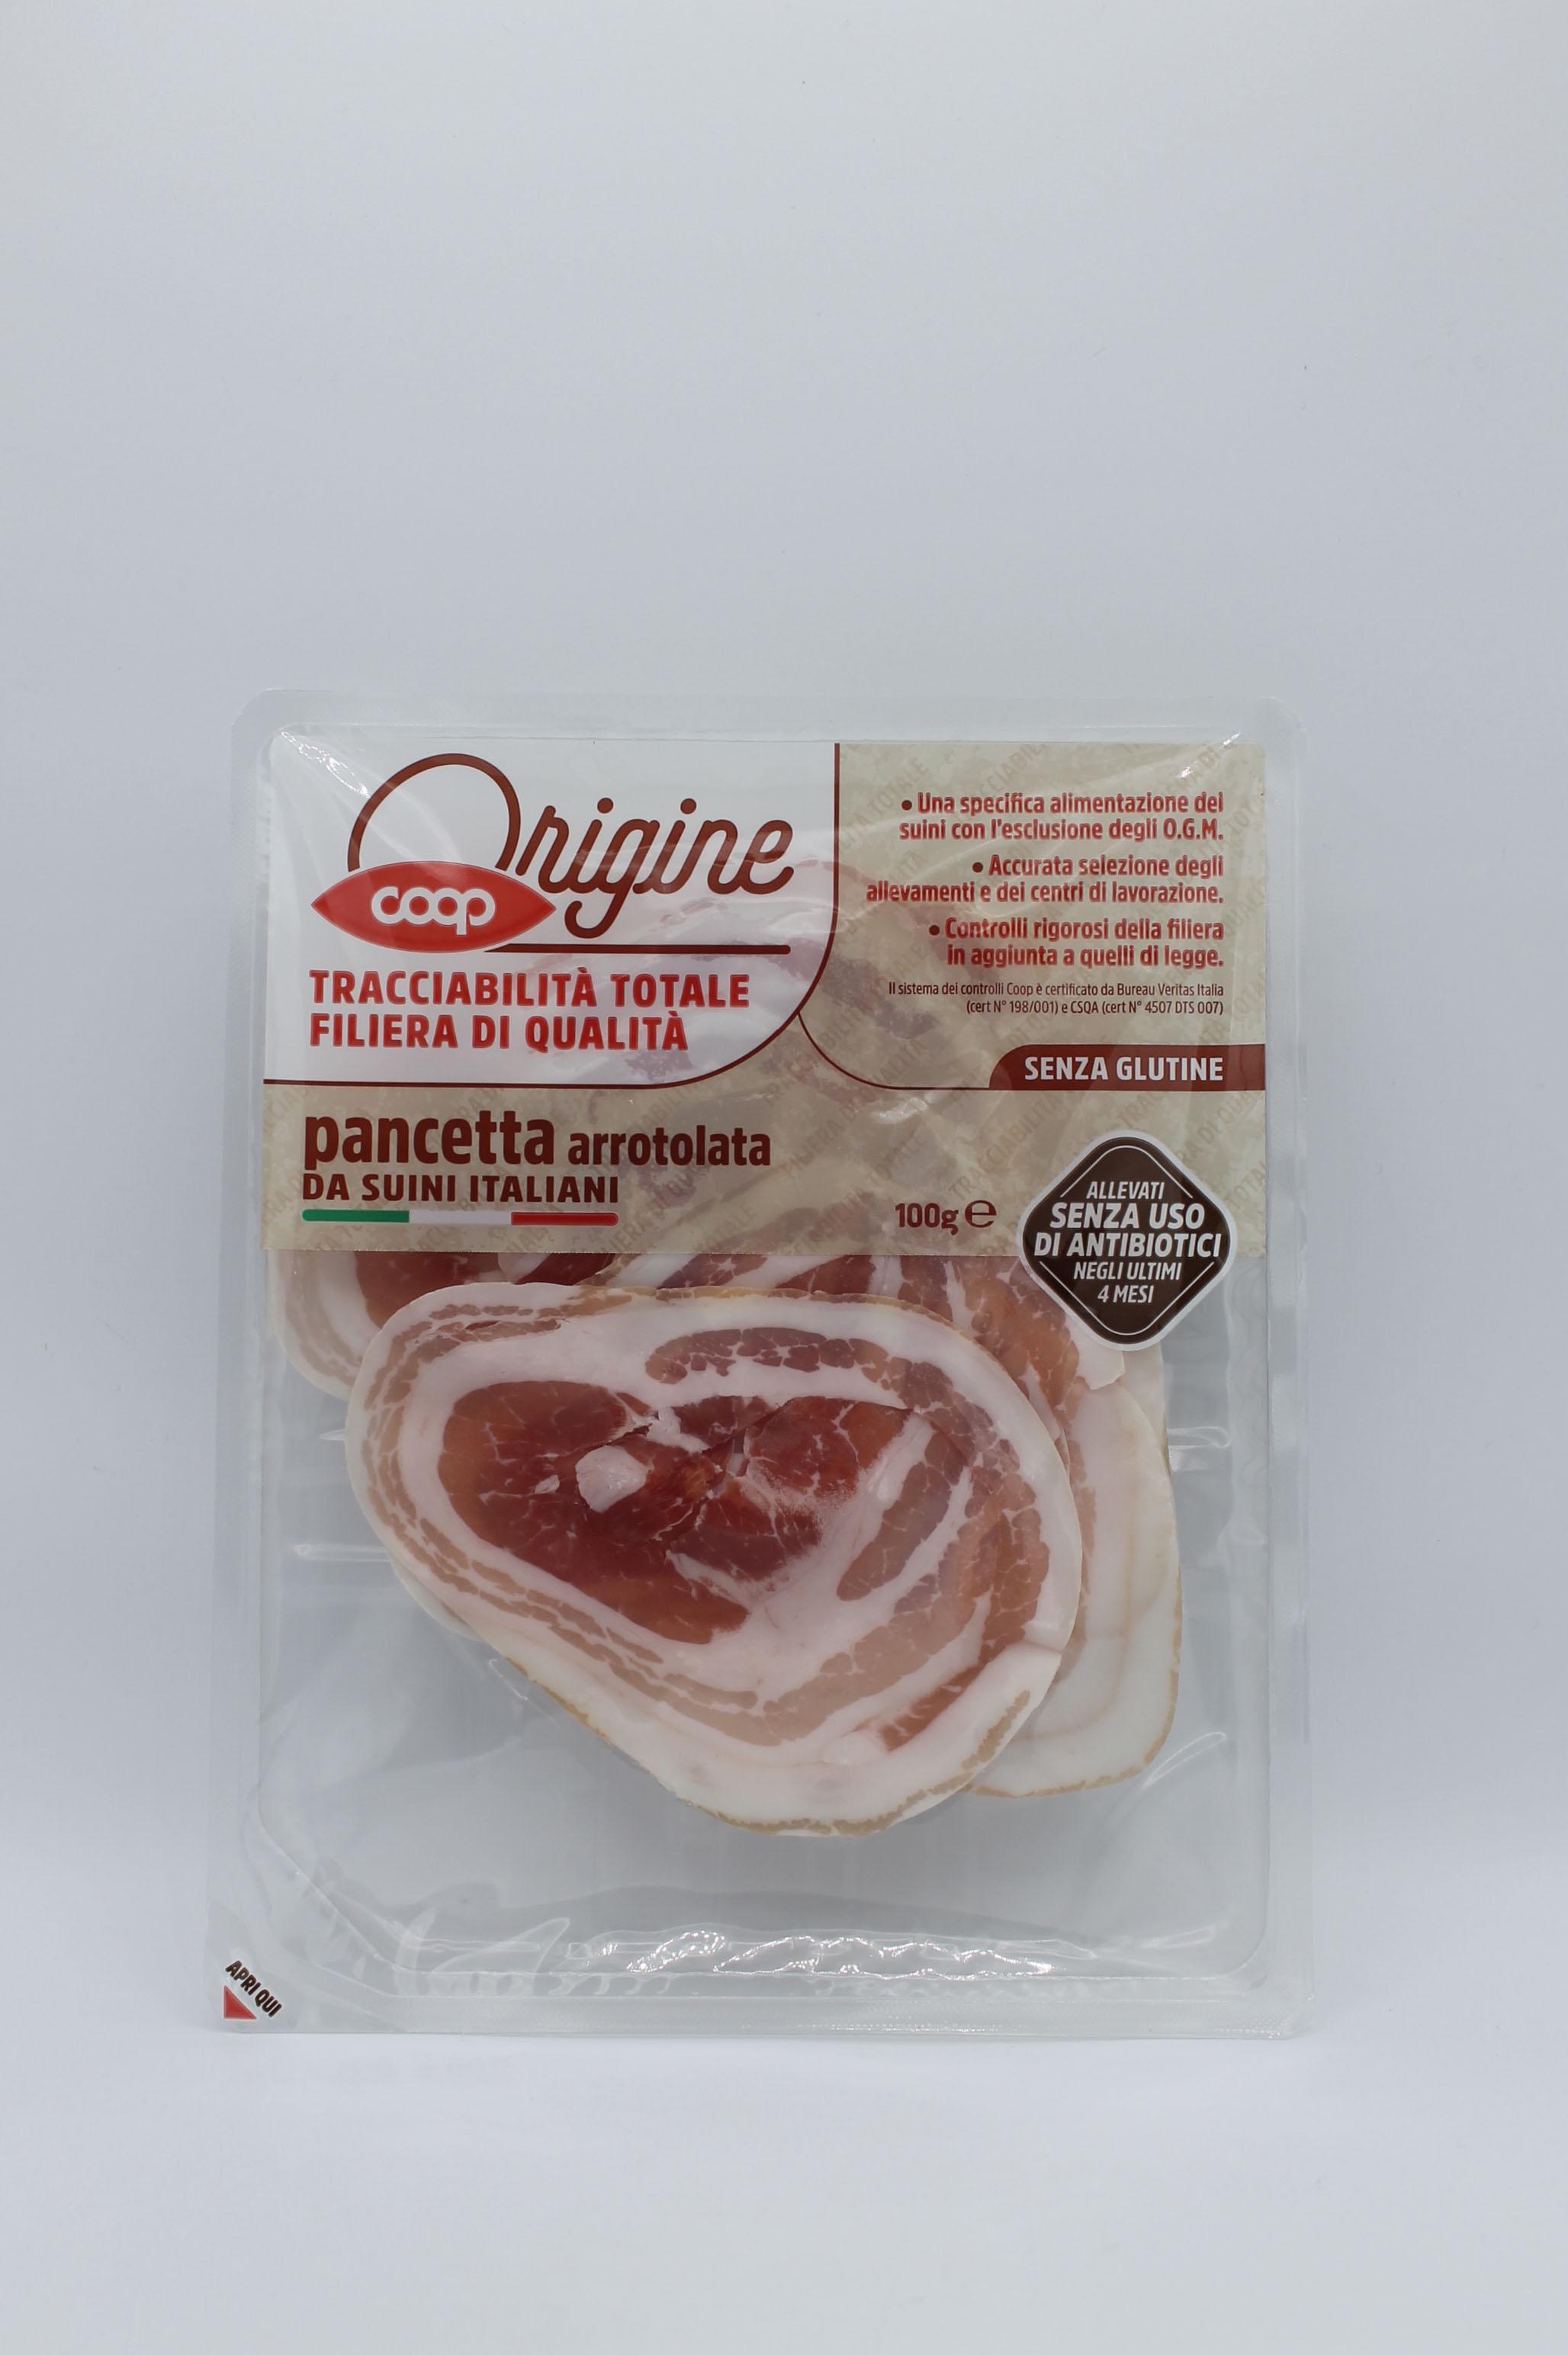 Coop origine pancetta arrotolata 100gr.